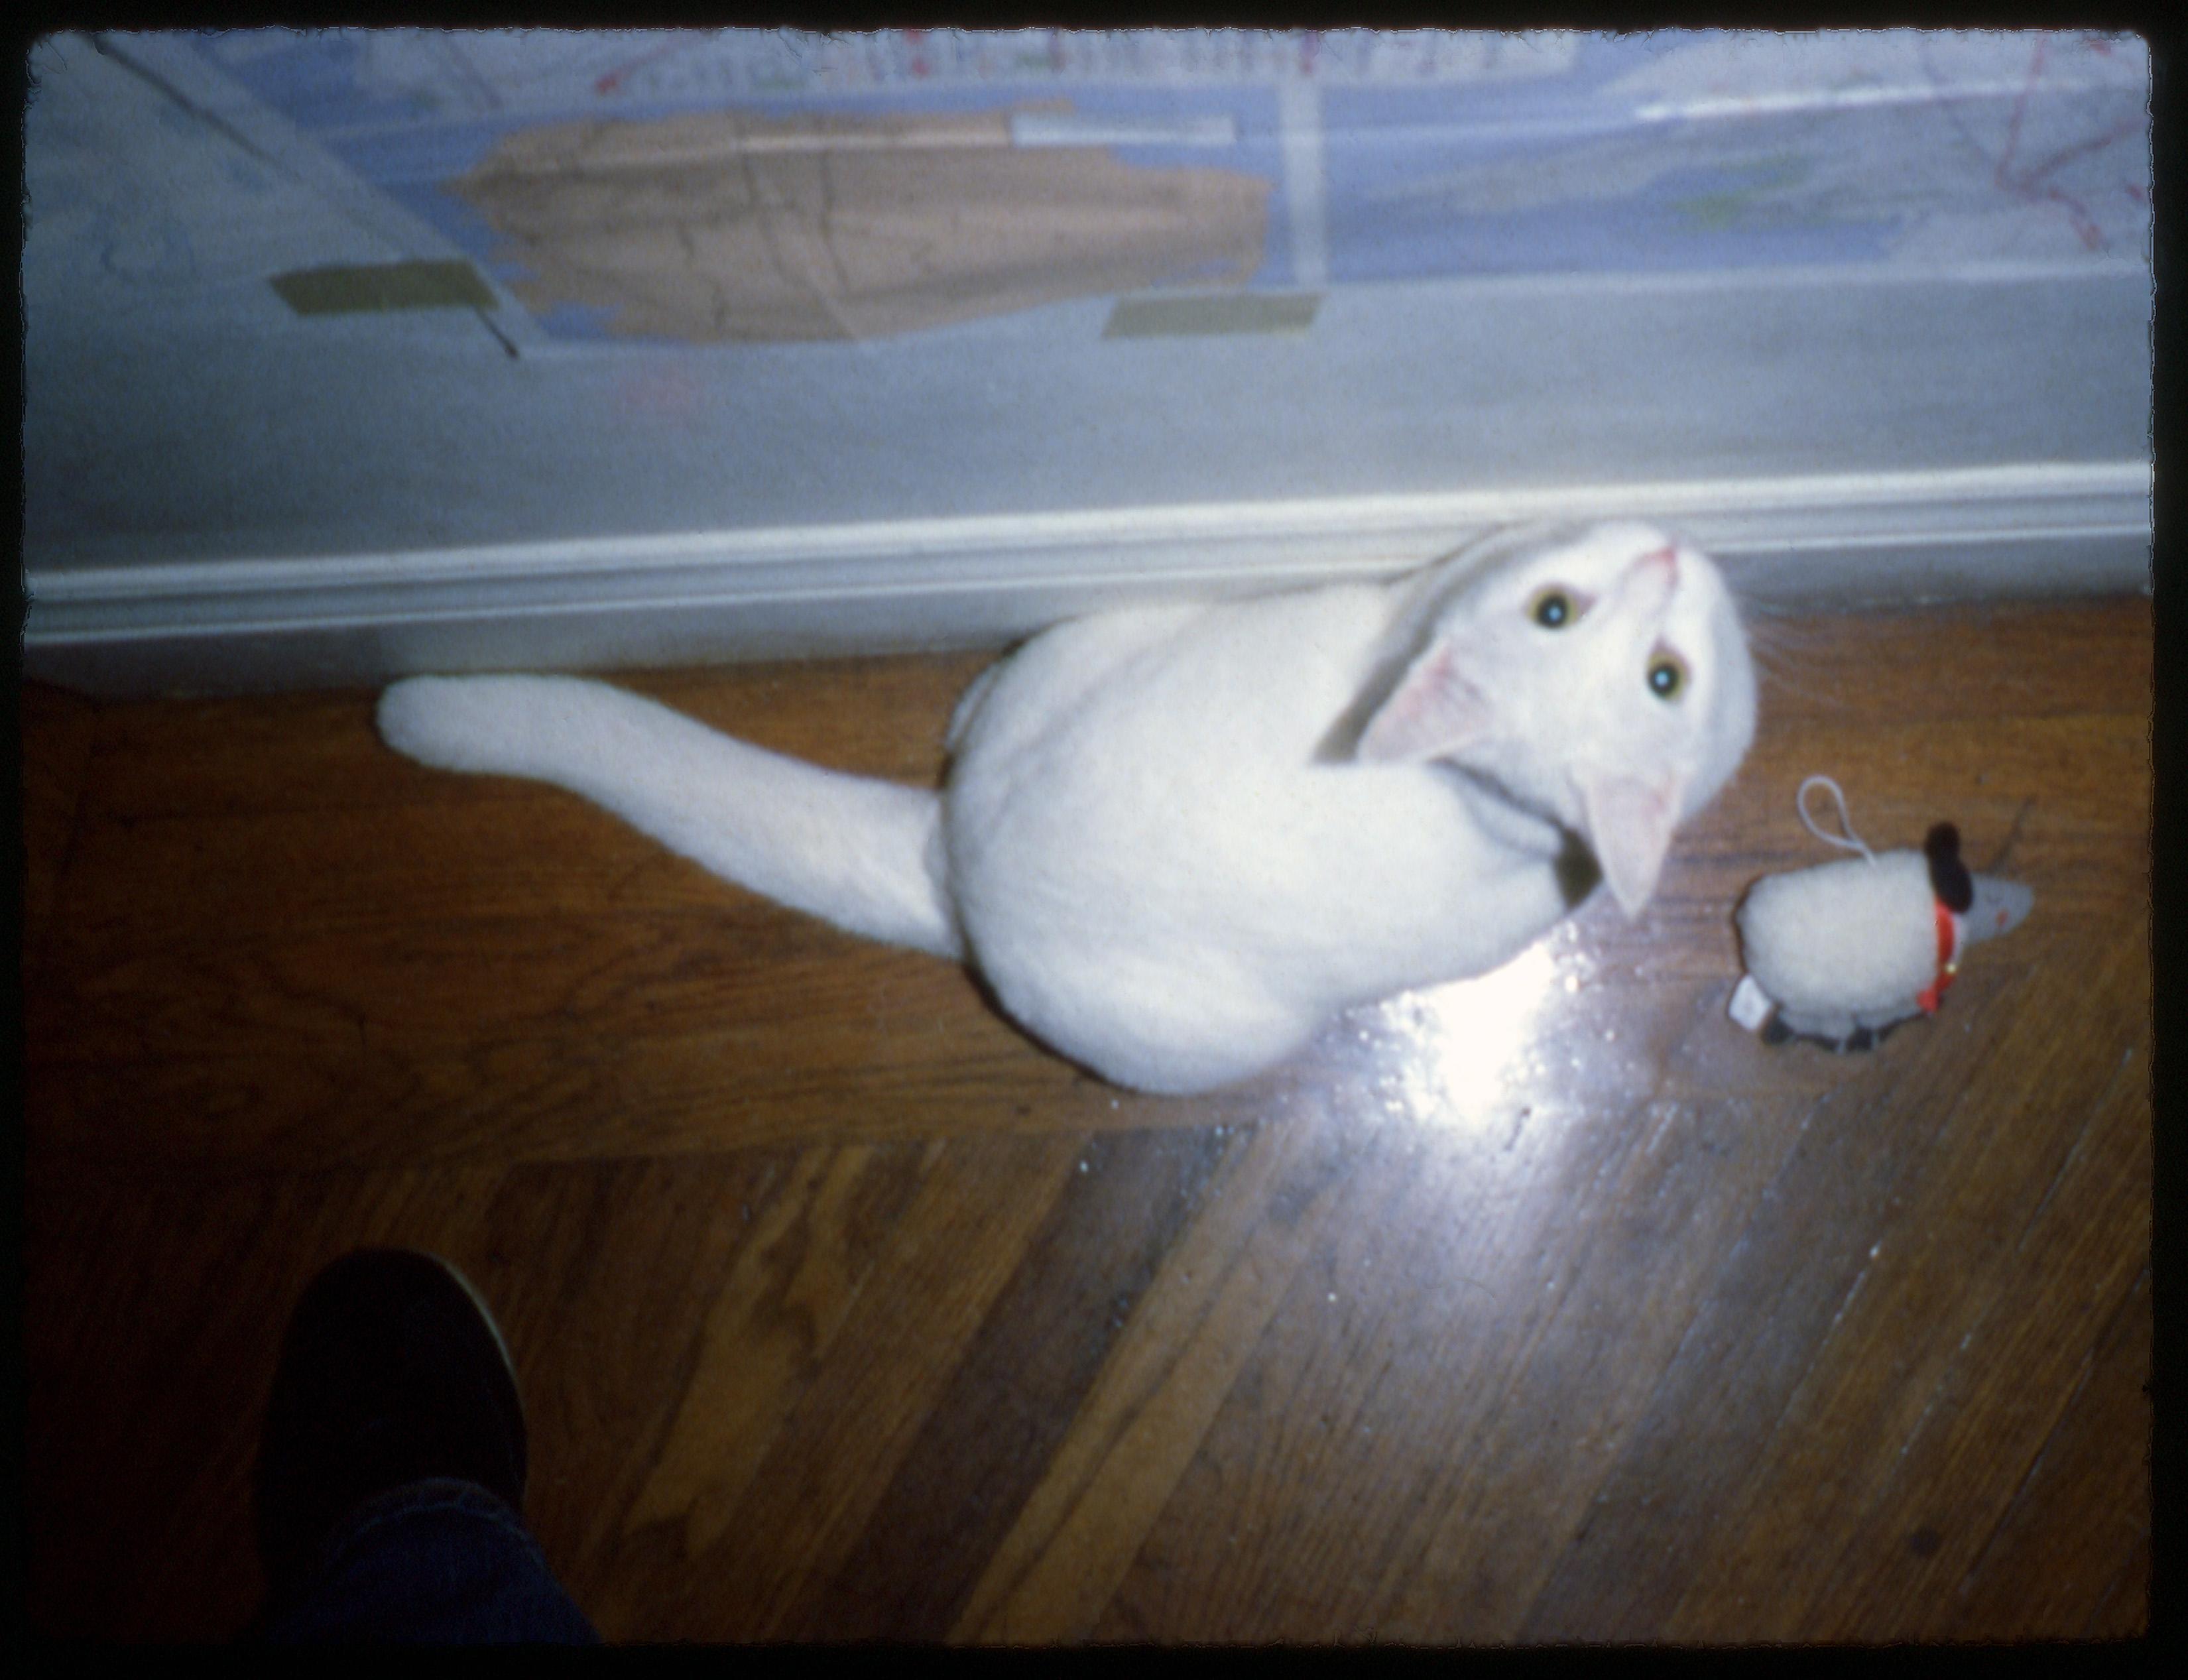 картинки фильм Кот Игривый вспышка Сан Франциско  белый фильм Кот Игривый вспышка Сан Франциско Сканирование белый кот контрольная работа Водяная птица Американская